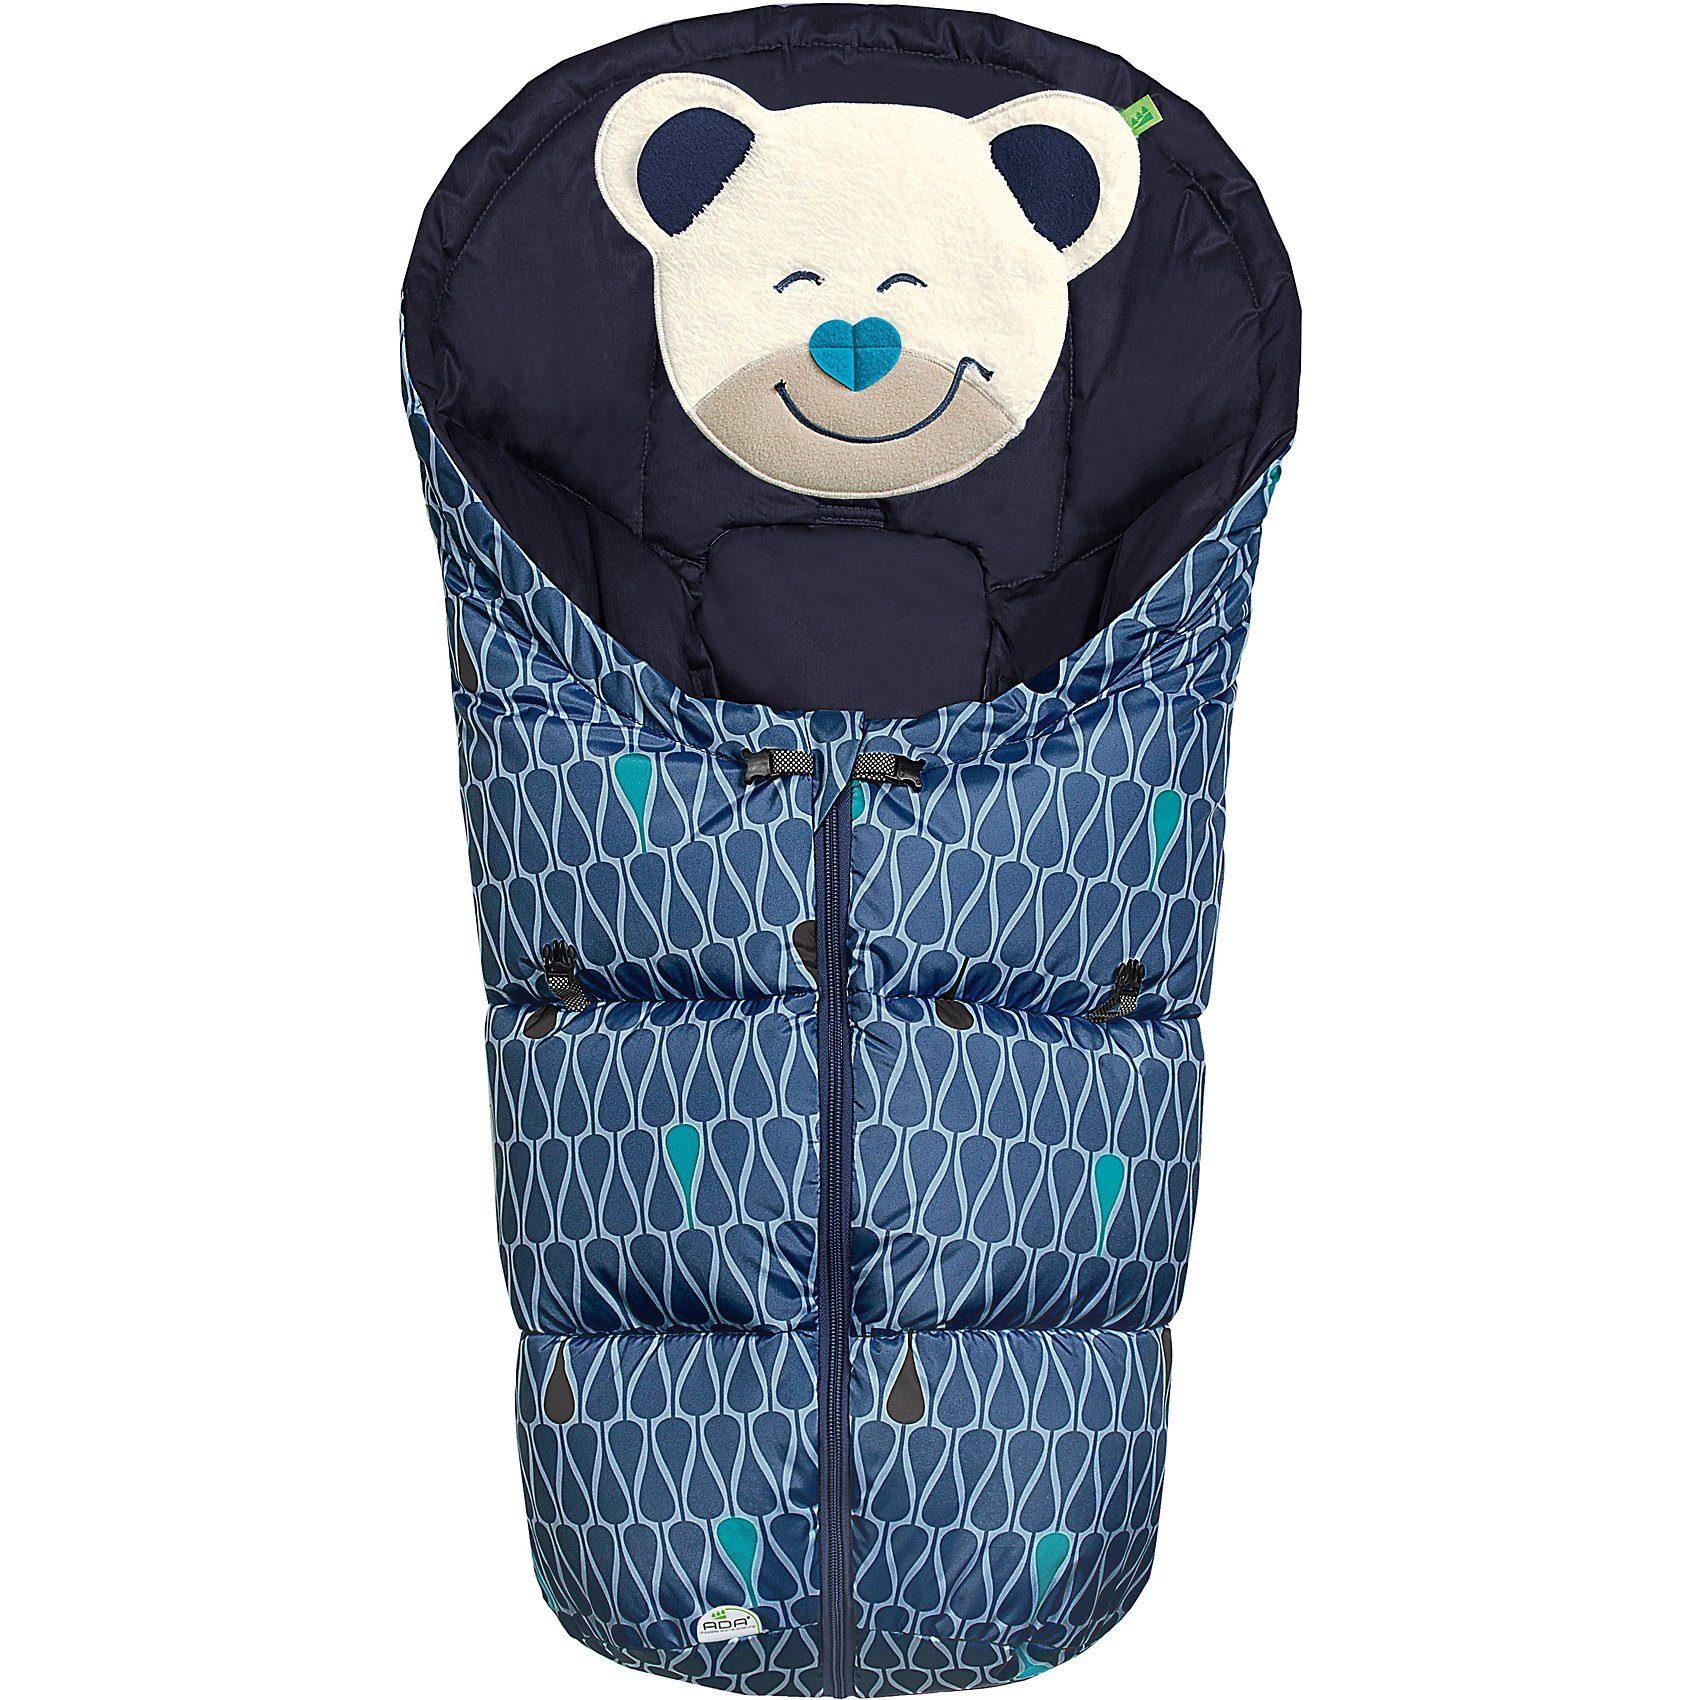 Odenwälder Fußsack Mucki Fashion Tear Drops für Babyschale und Kinderwa